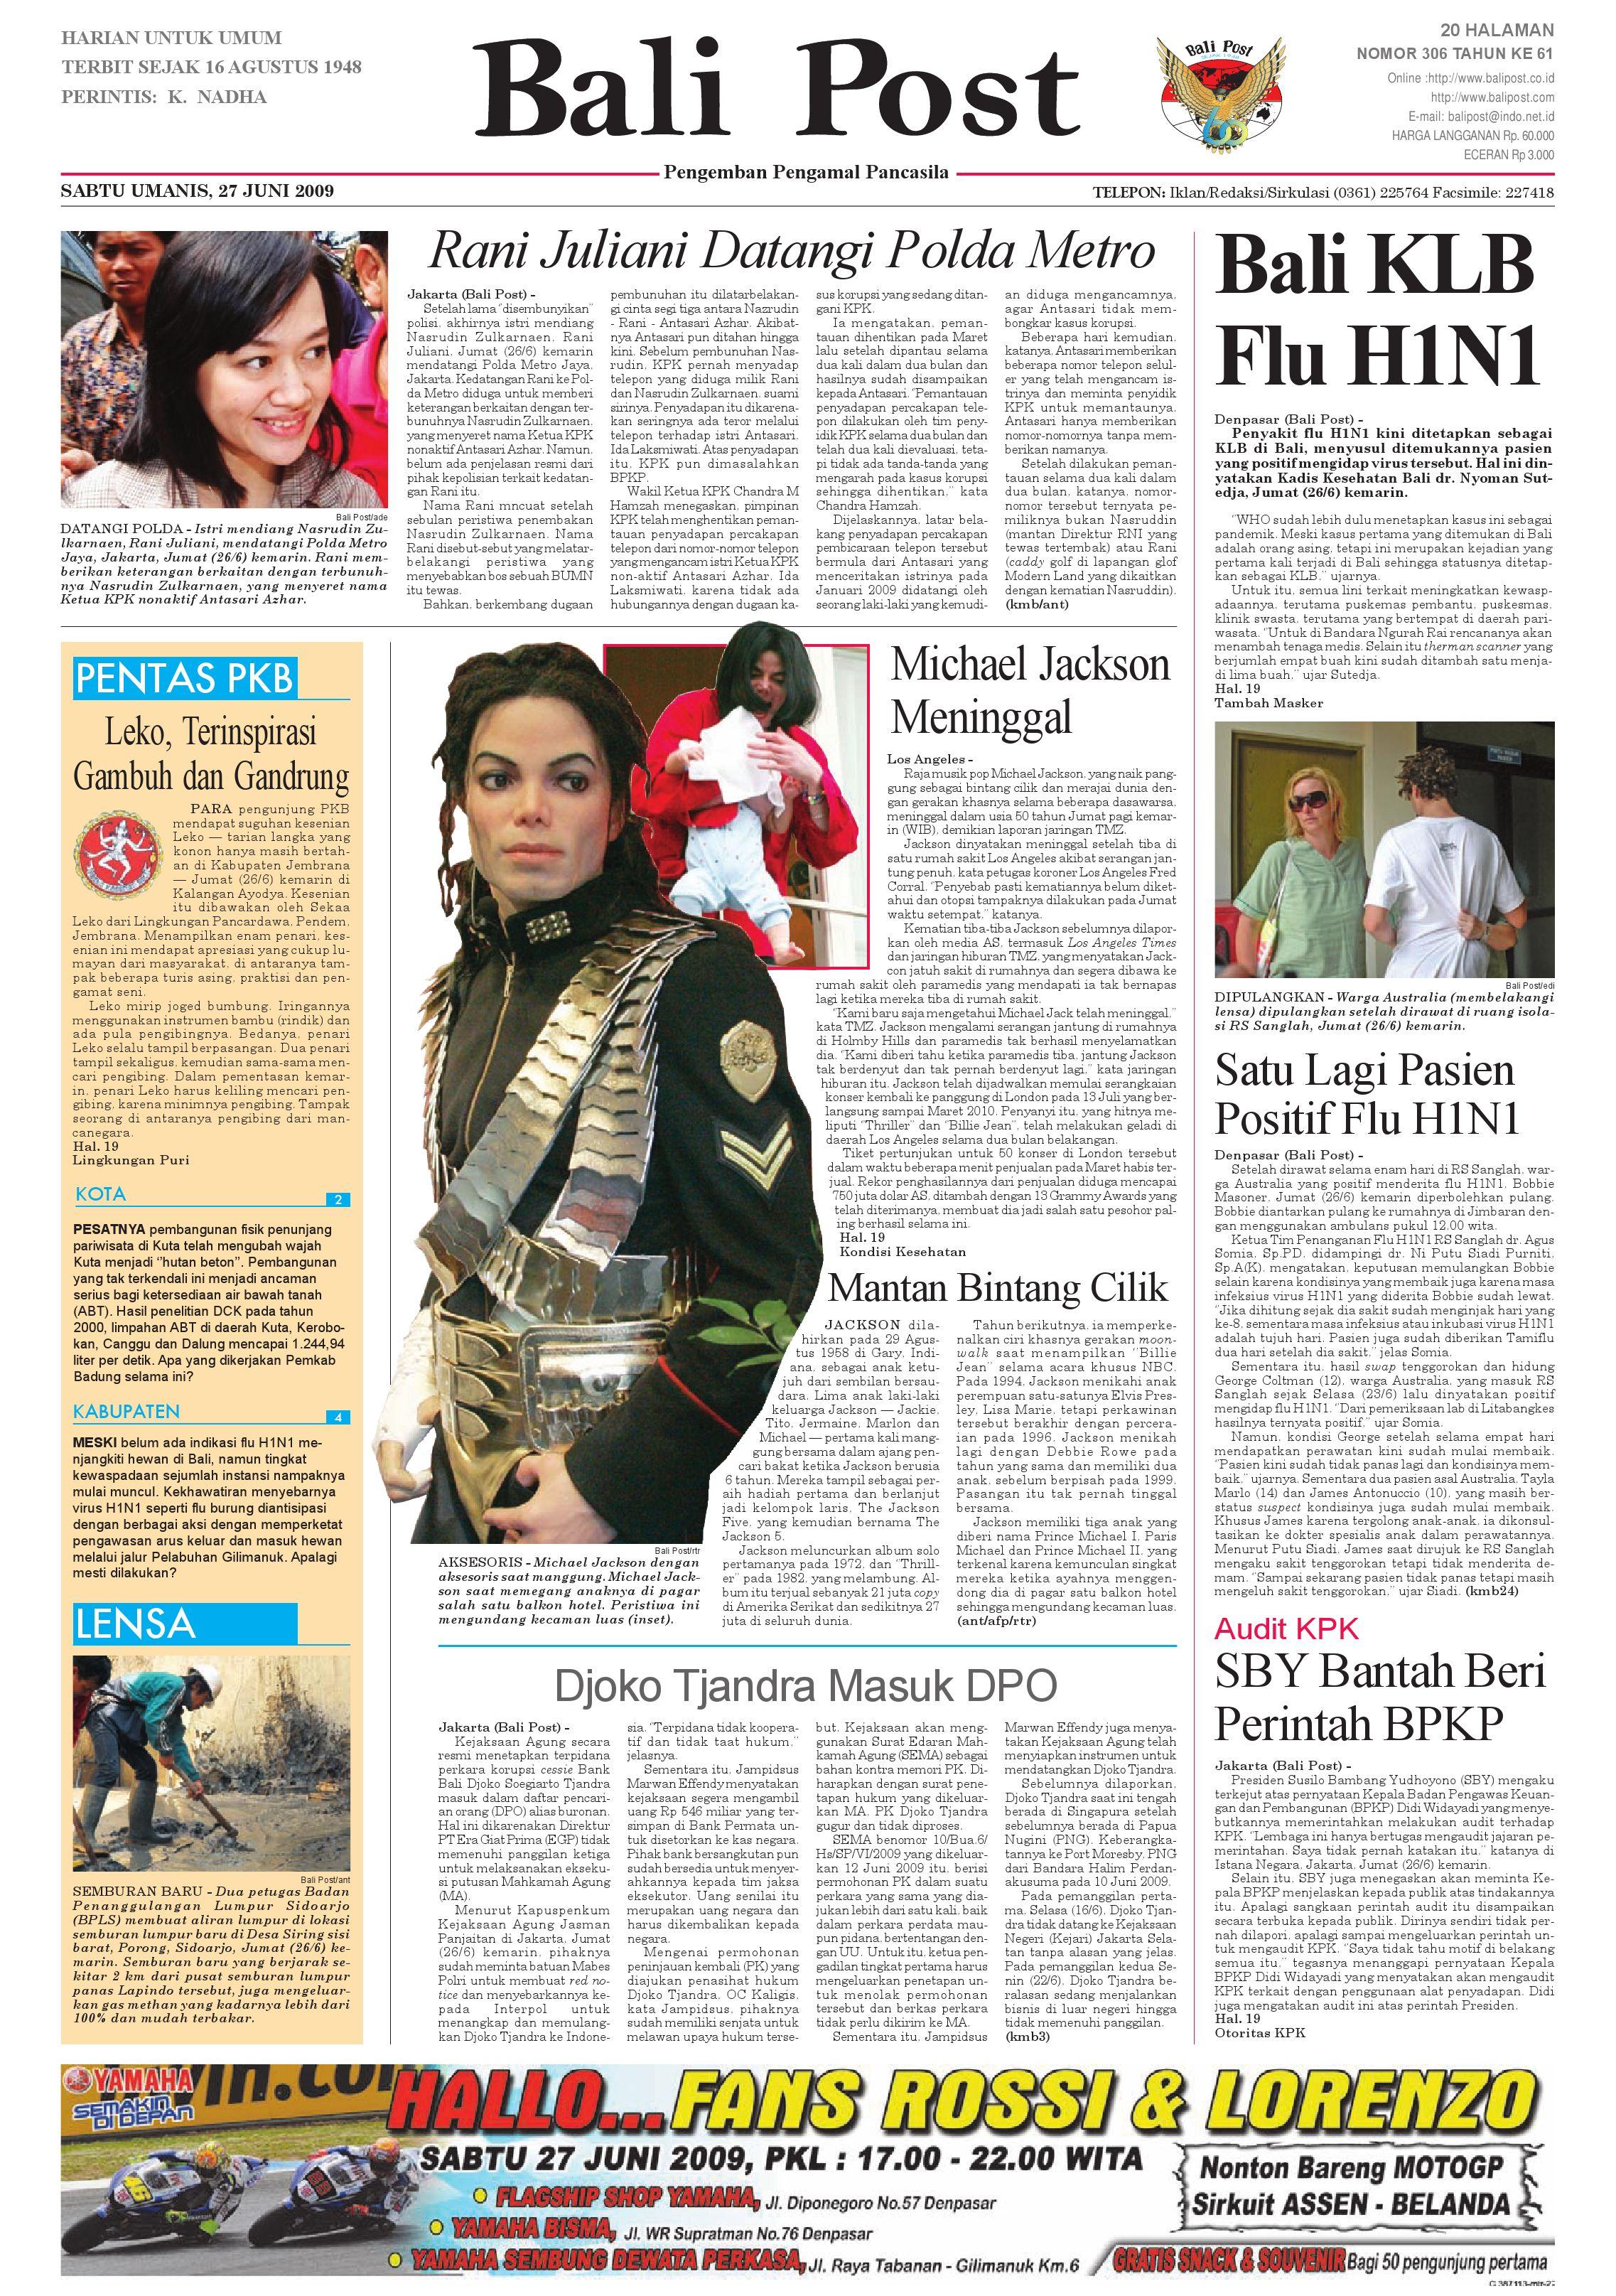 Bali Post Sabtu 27 Juni 2009 By E Paper Kmb Issuu Rkb Bni Tegal Kranjang Buah Nur Fashion And Art